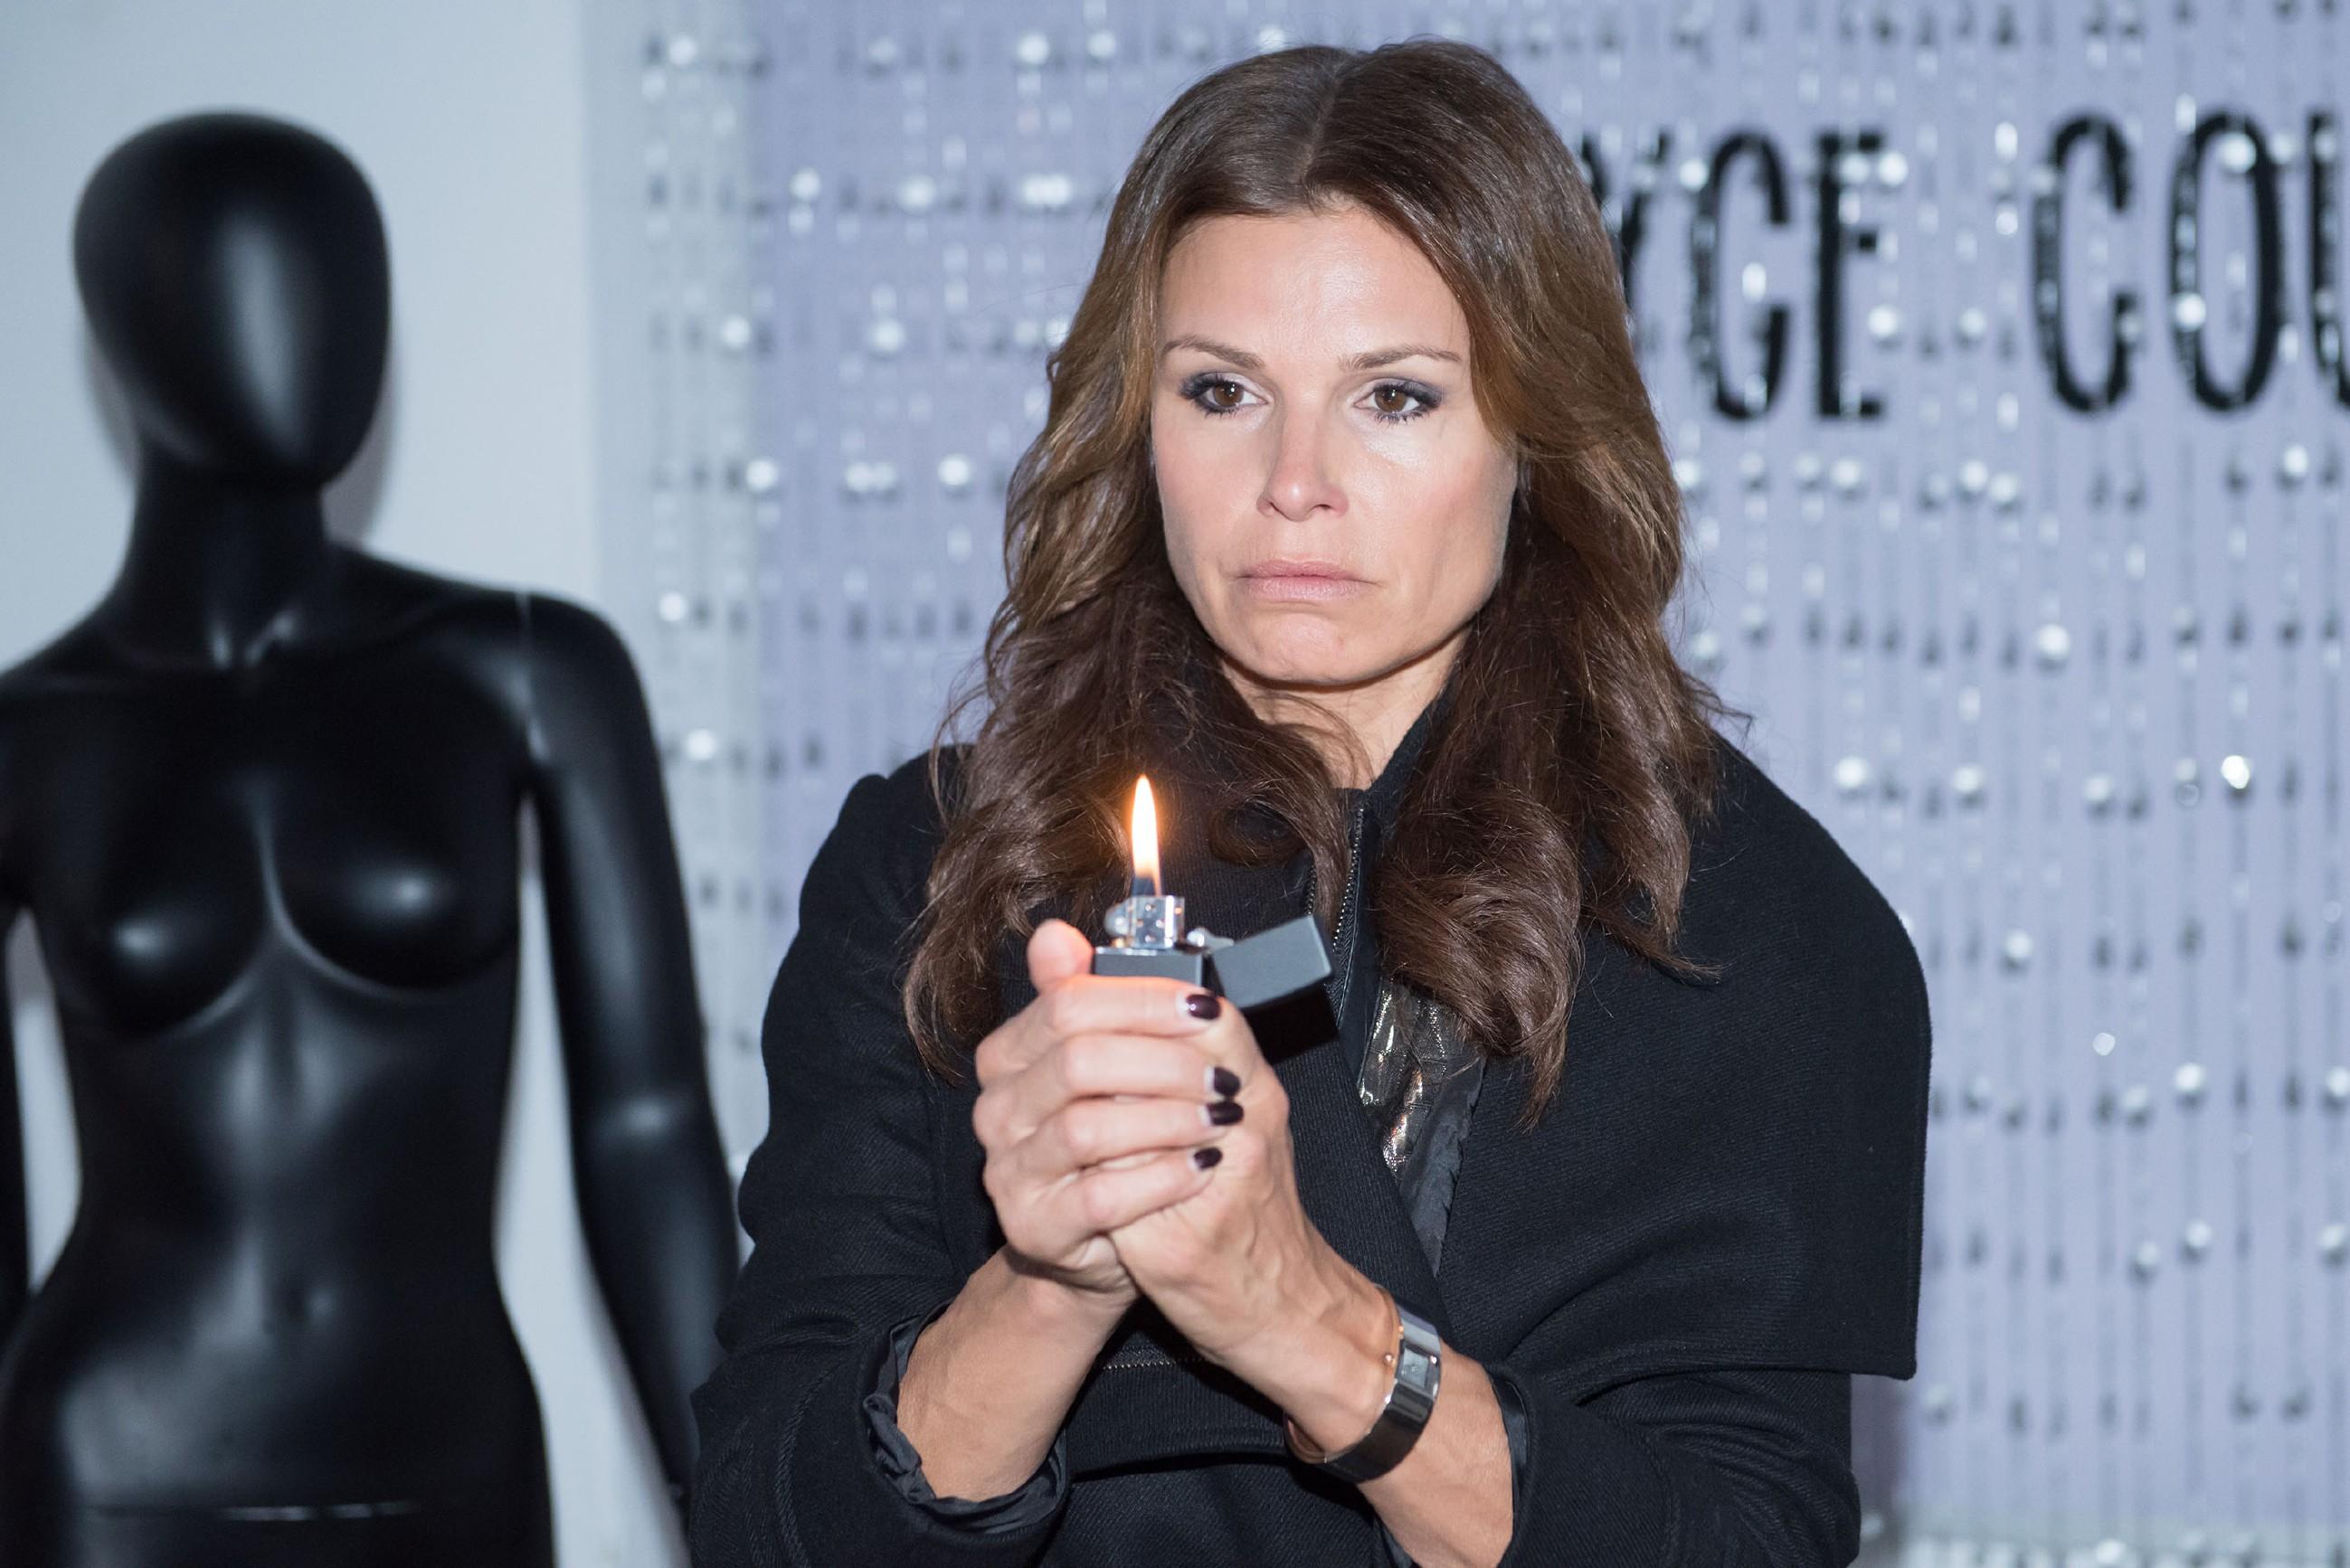 In ihrem verzweifelten Versuch, ihre Existenz als Geschäftsfrau zu retten, ist Britta (Tabea Heynig) bereit, äußerst drastische und gefährliche Maßnahmen zu ergreifen... (Quelle: RTL / Stefan Behrens)